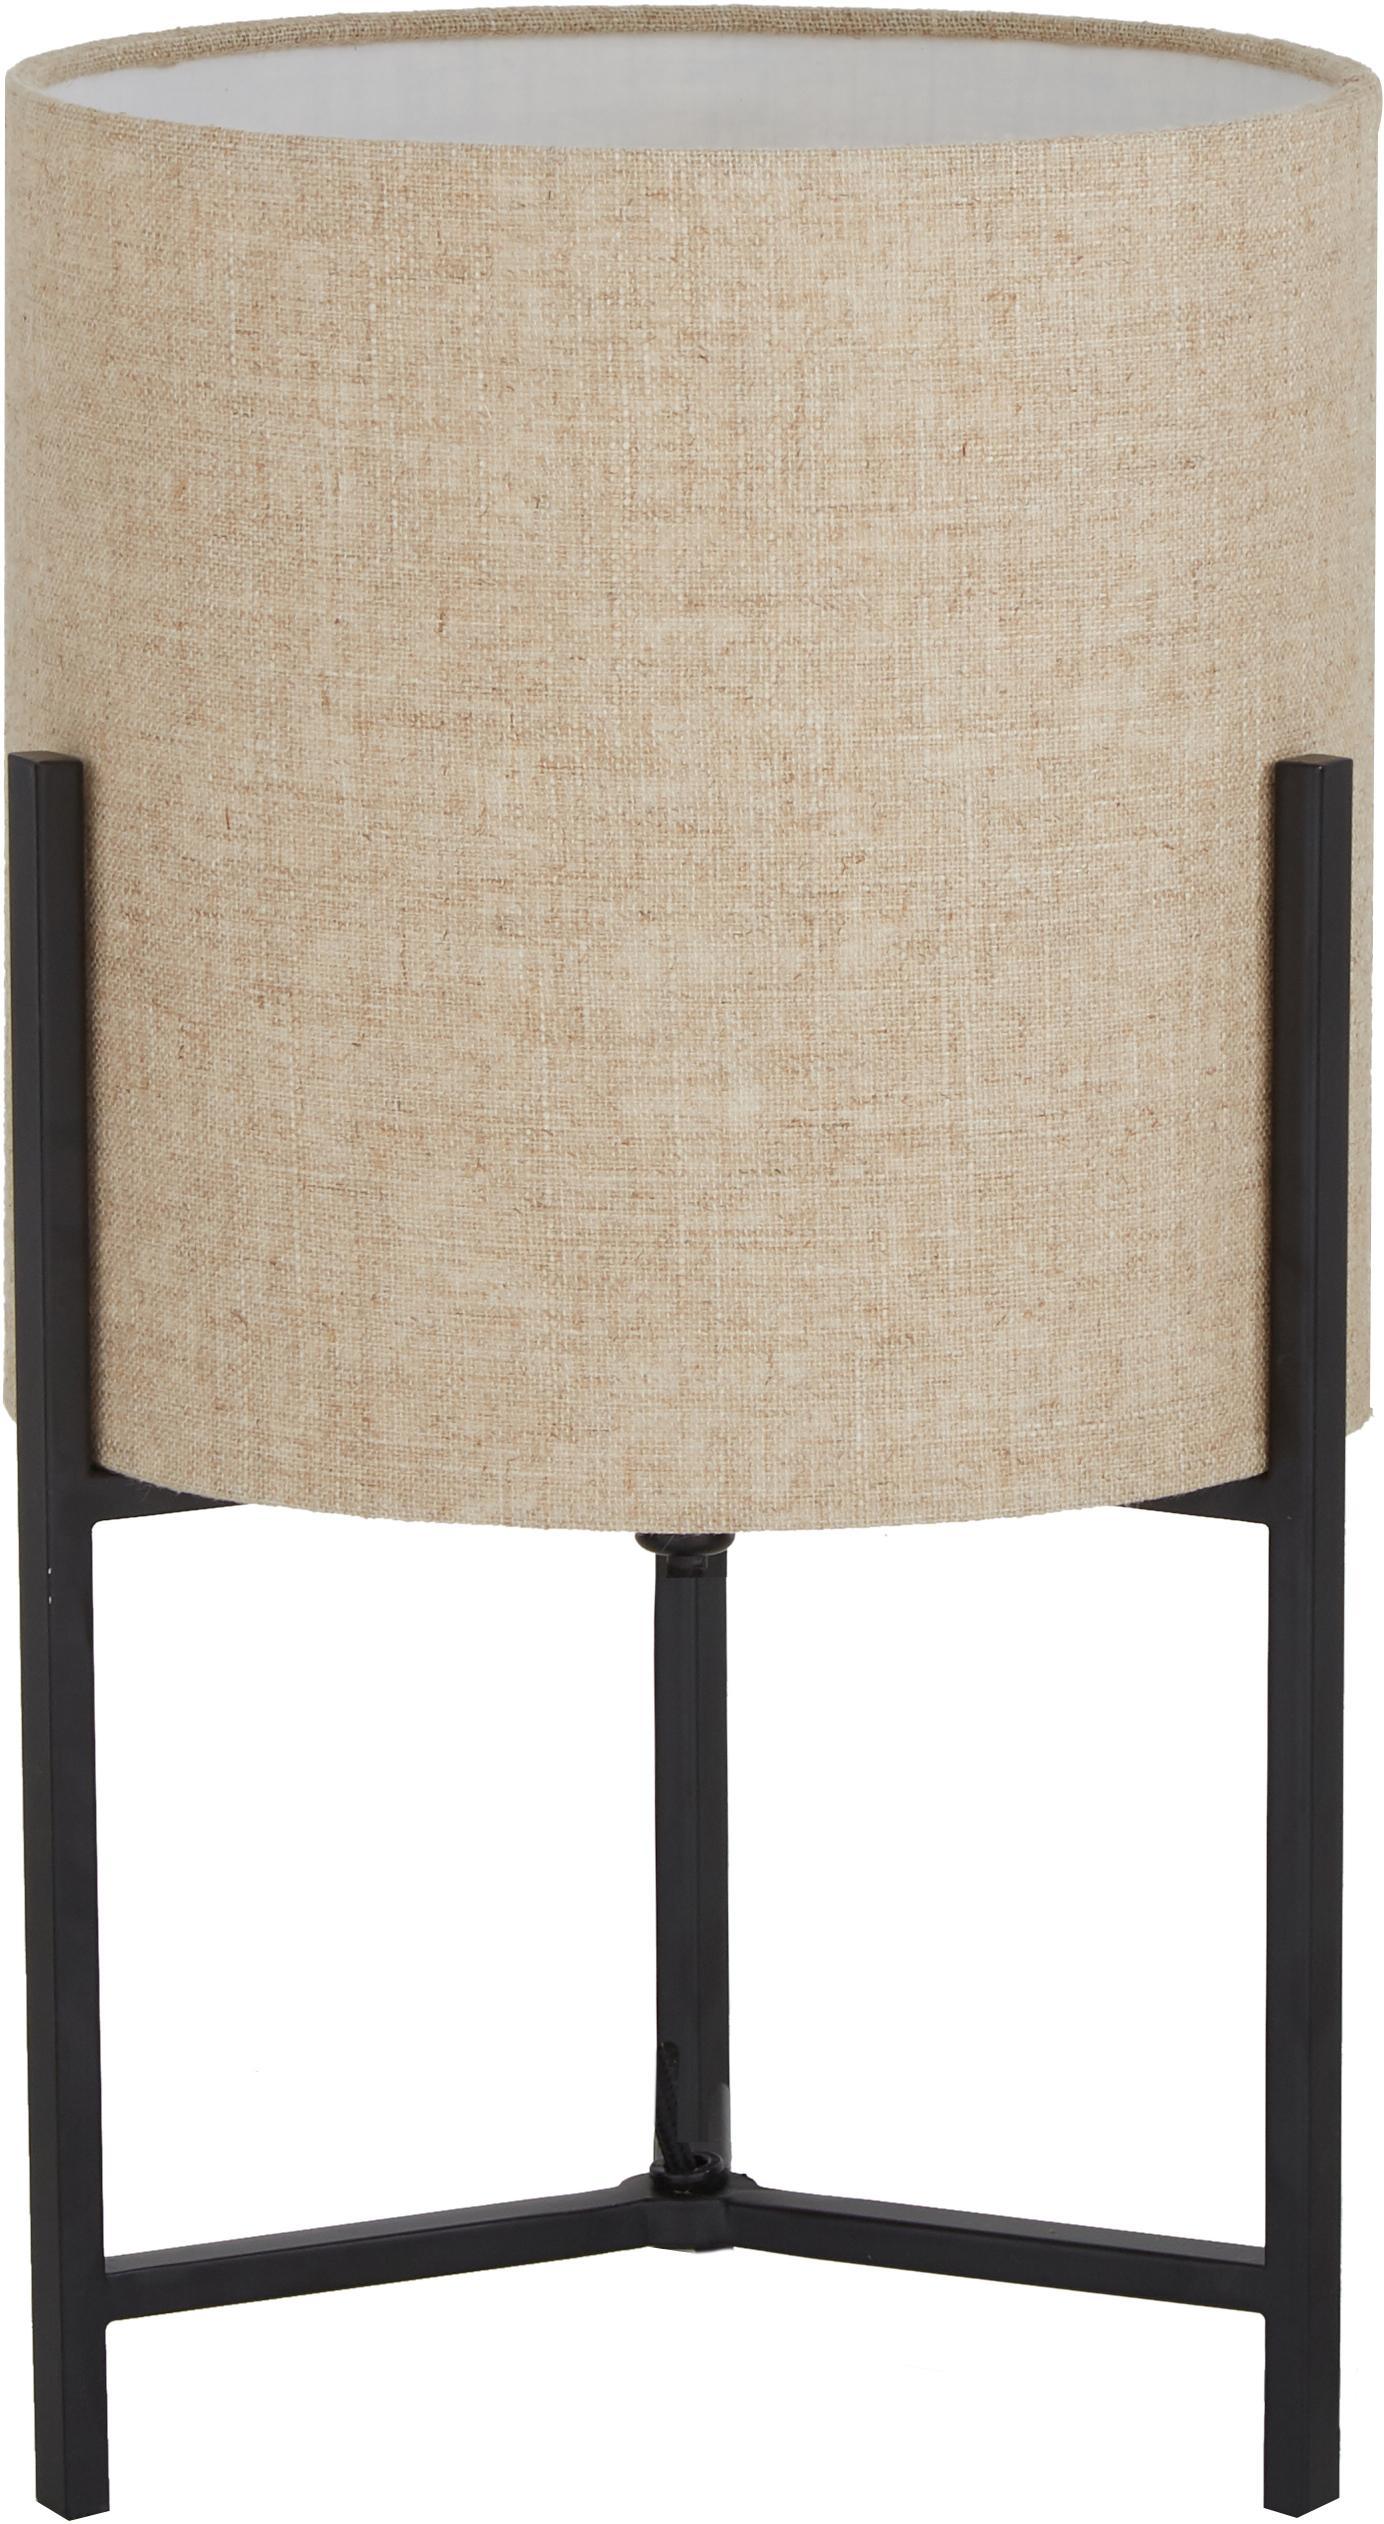 Tafellamp Piper van linnen, Lampenkap: 85% linnen, 15% teryleen, Lampvoet: gepoedercoat metaal, Beige, Ø 22 x H 38 cm